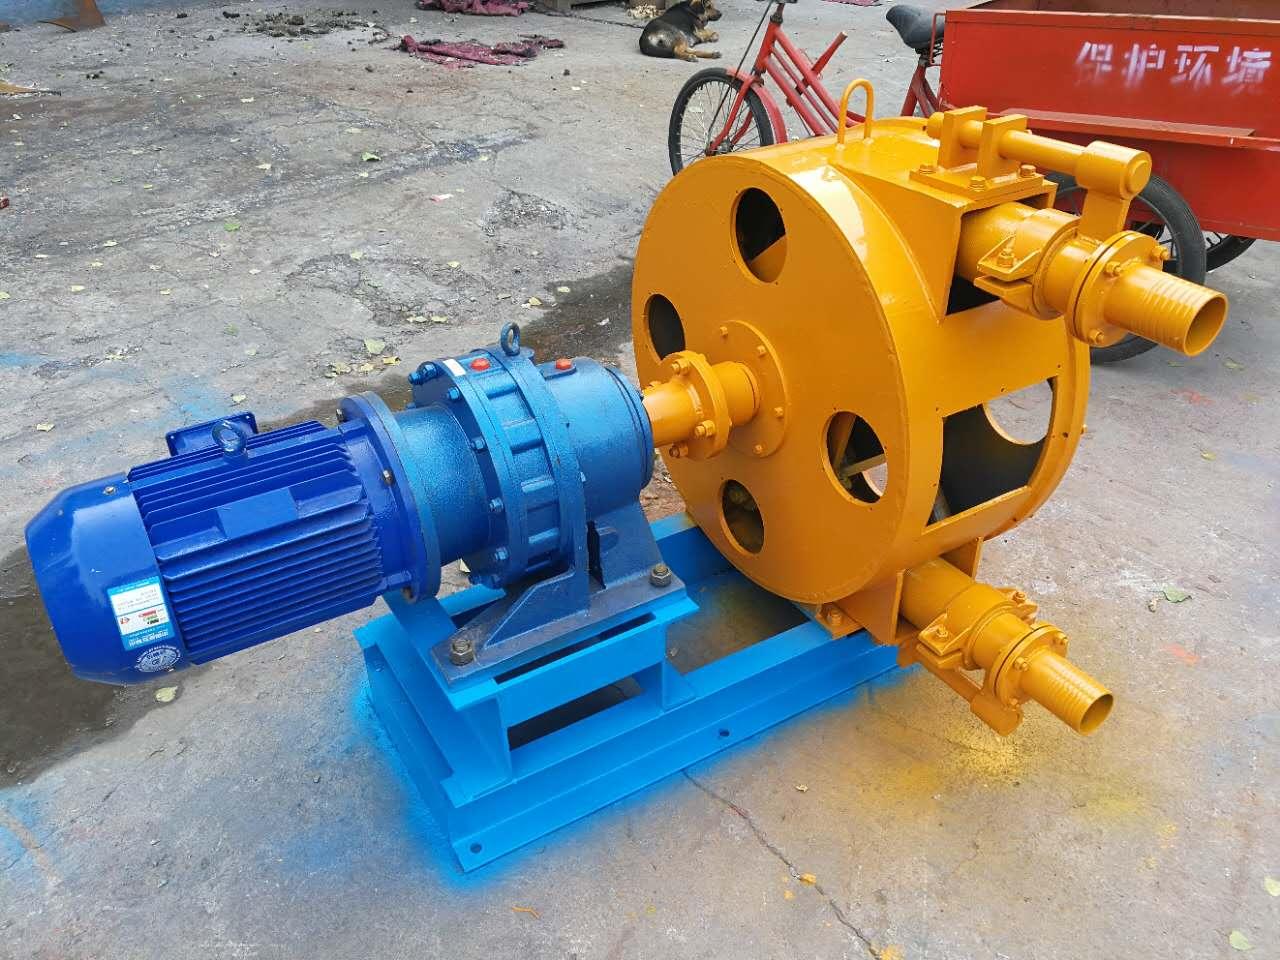 軟管泵生產廠家 桂林工業軟管泵廠家